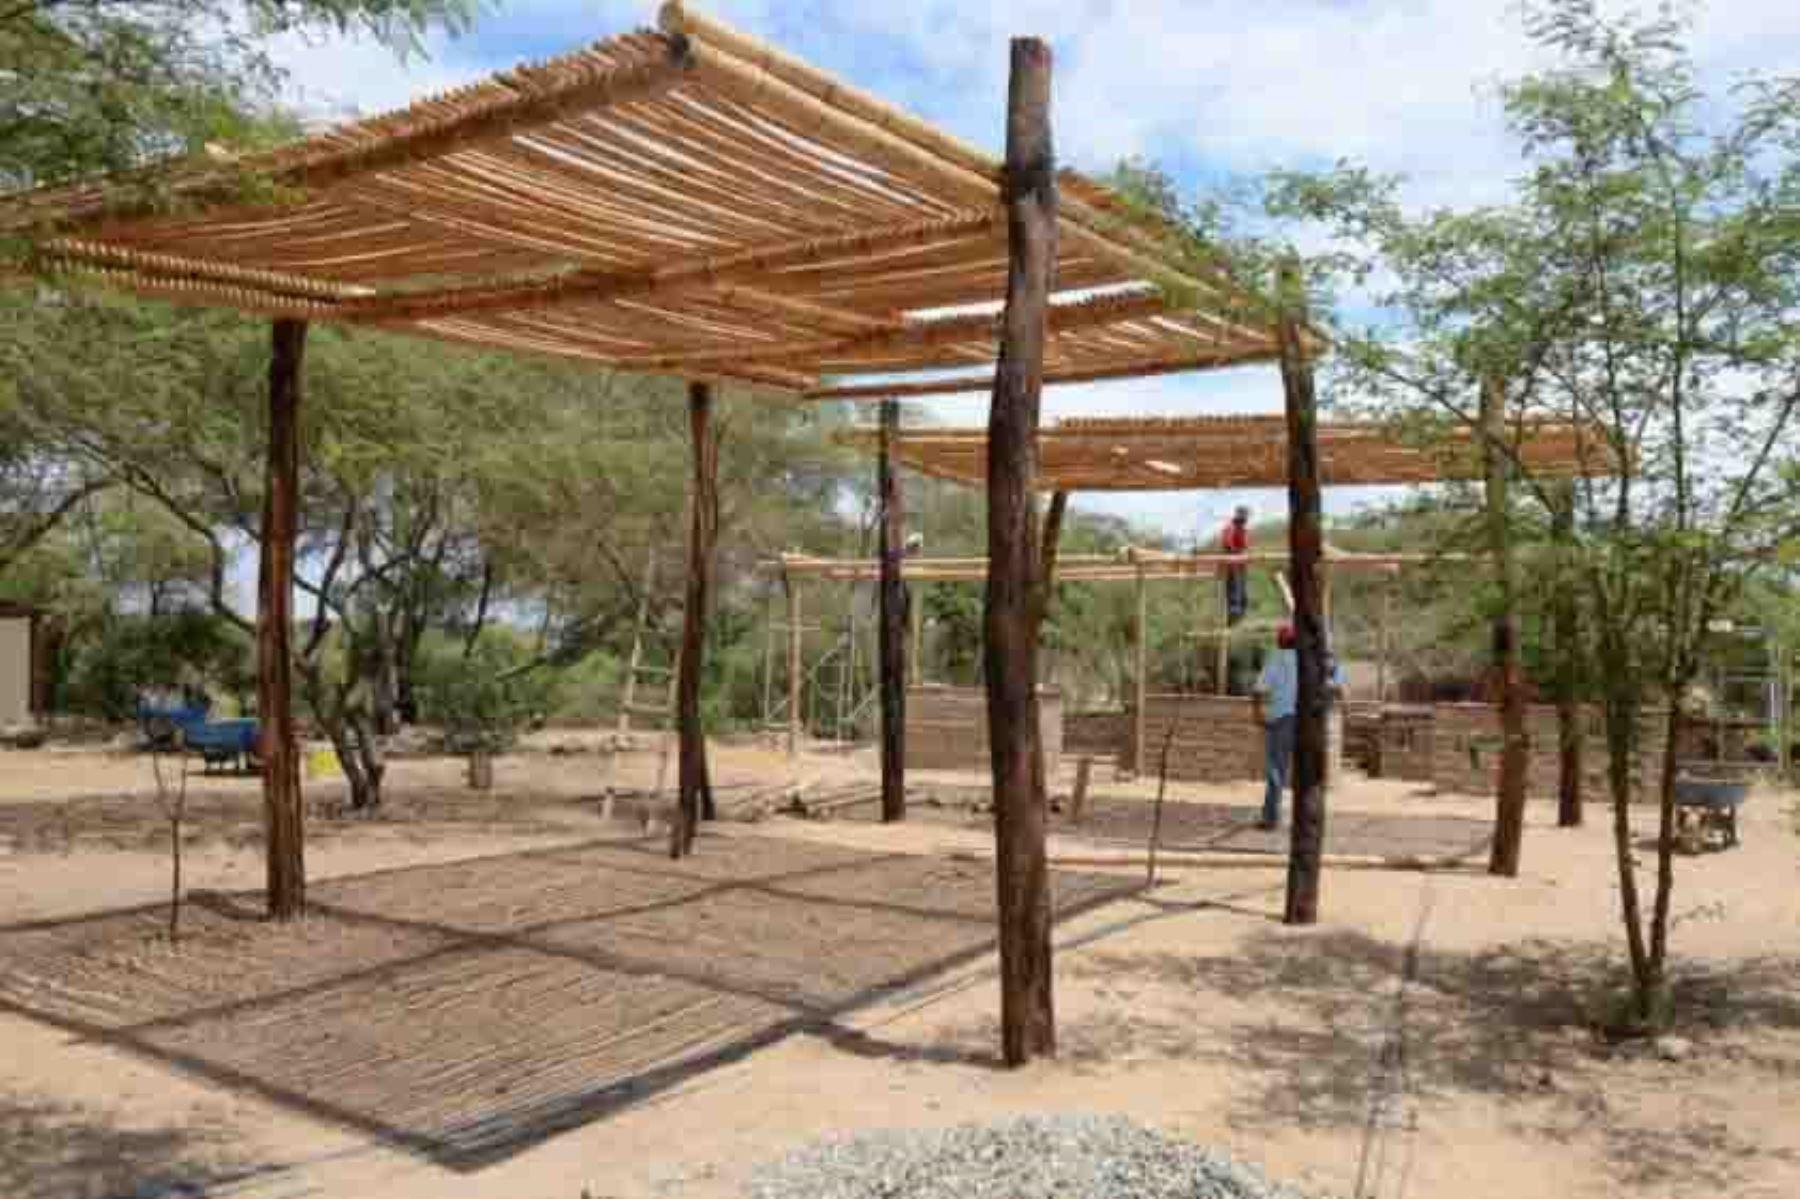 El Museo de Sitio de Túcume, en la región Lambayeque, inaugurará el próximo 4 de marzo un nuevo espacio para la realización de las ferias culturales y festivales gastronómicos, en el marco del ingreso libre a los museos programado cada primer domingo del mes.